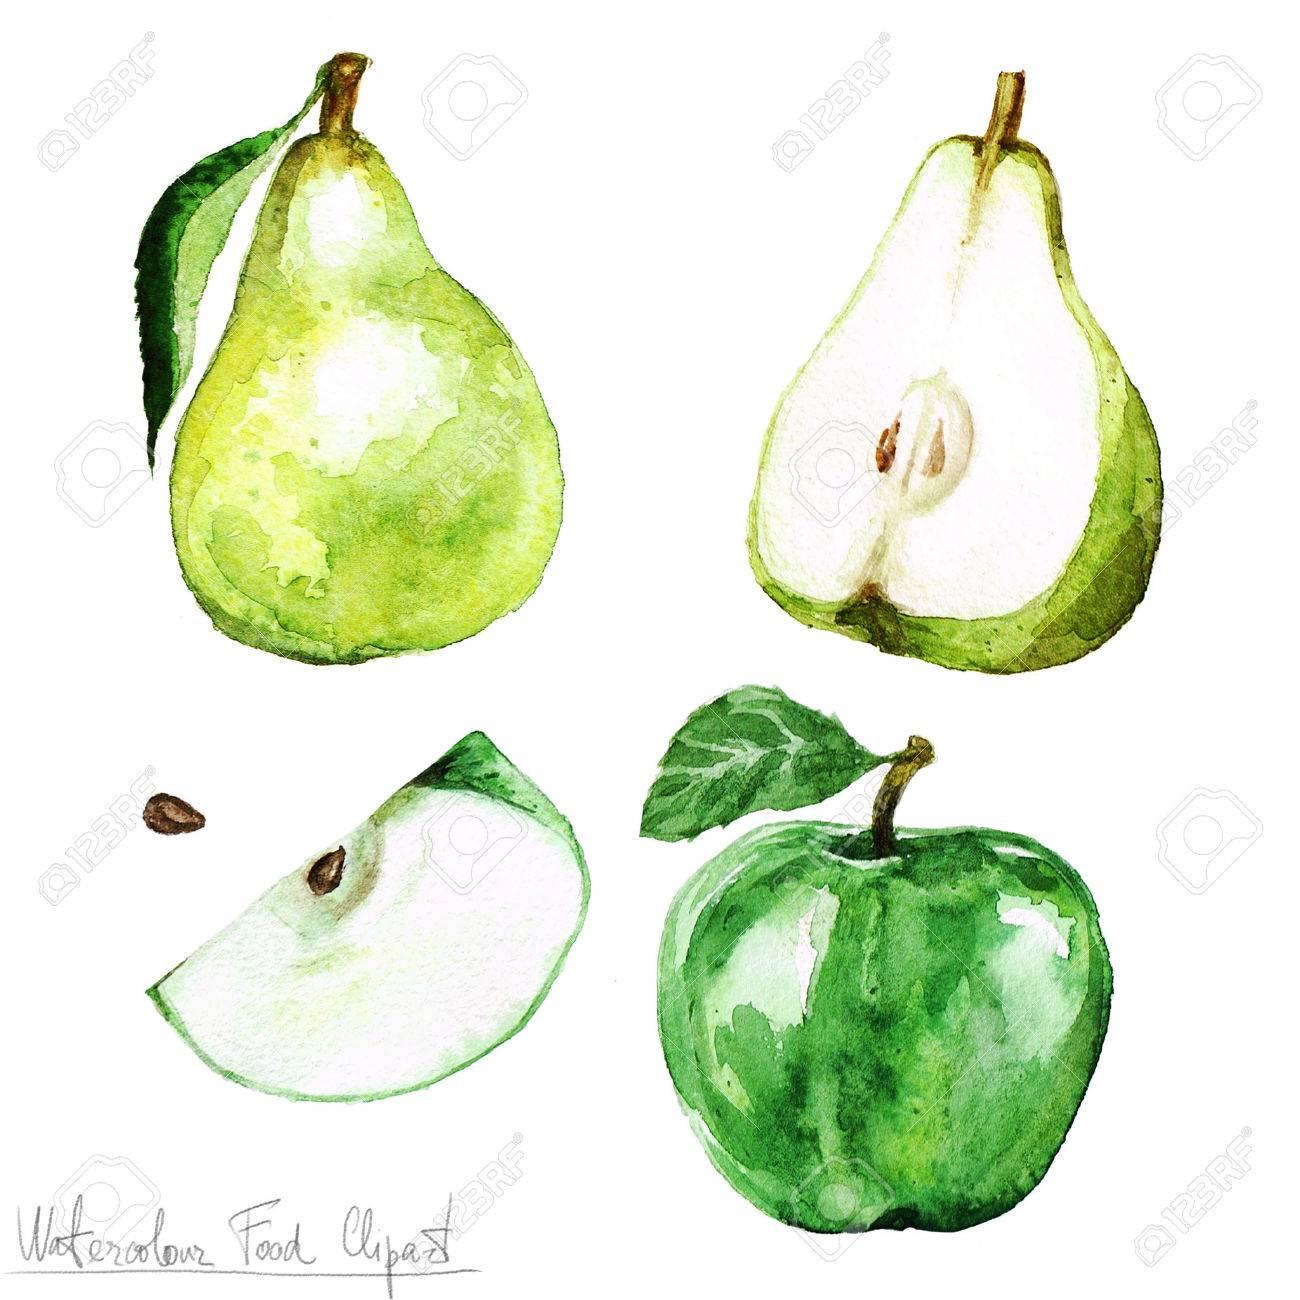 水彩食べ物クリップアート 洋梨とリンゴ の写真素材画像素材 Image